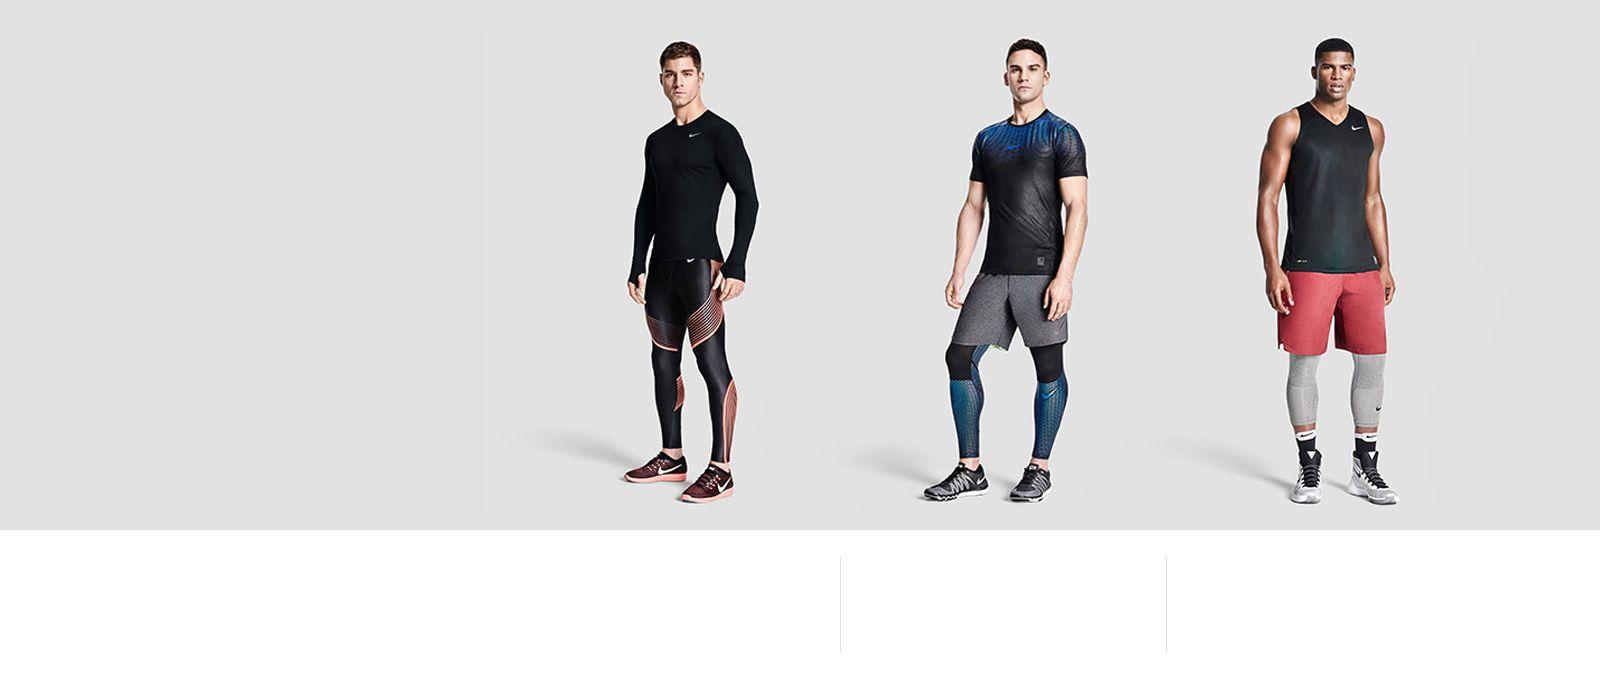 ddc2dba04c09 De Doudoune D hiver Vetement Nike Homme Sport Pull Chapka amp  dpwvwXq